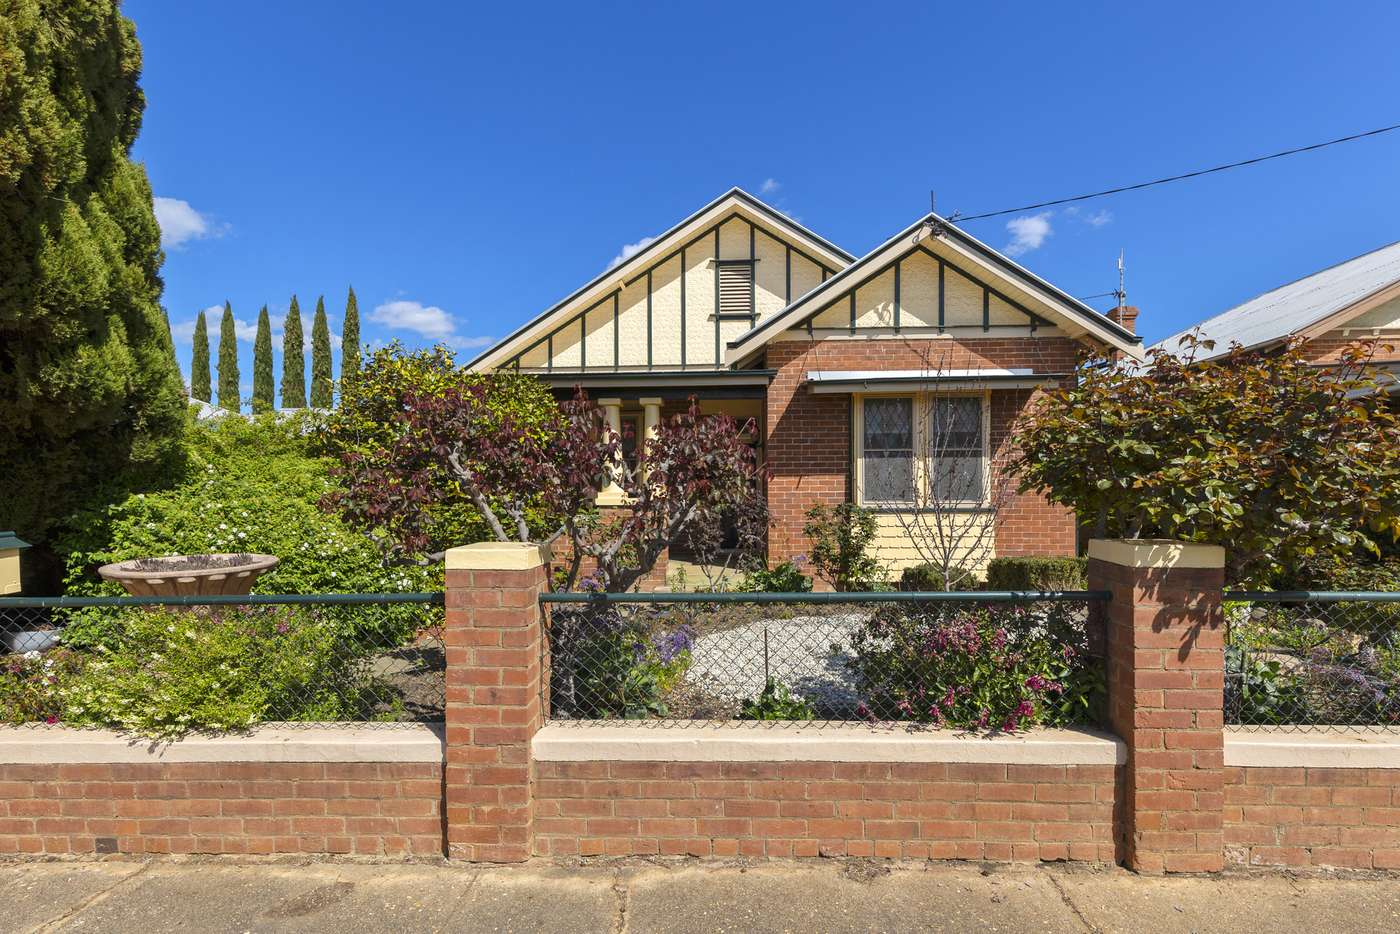 Main view of Homely house listing, 2 Yabtree Street, Wagga Wagga NSW 2650